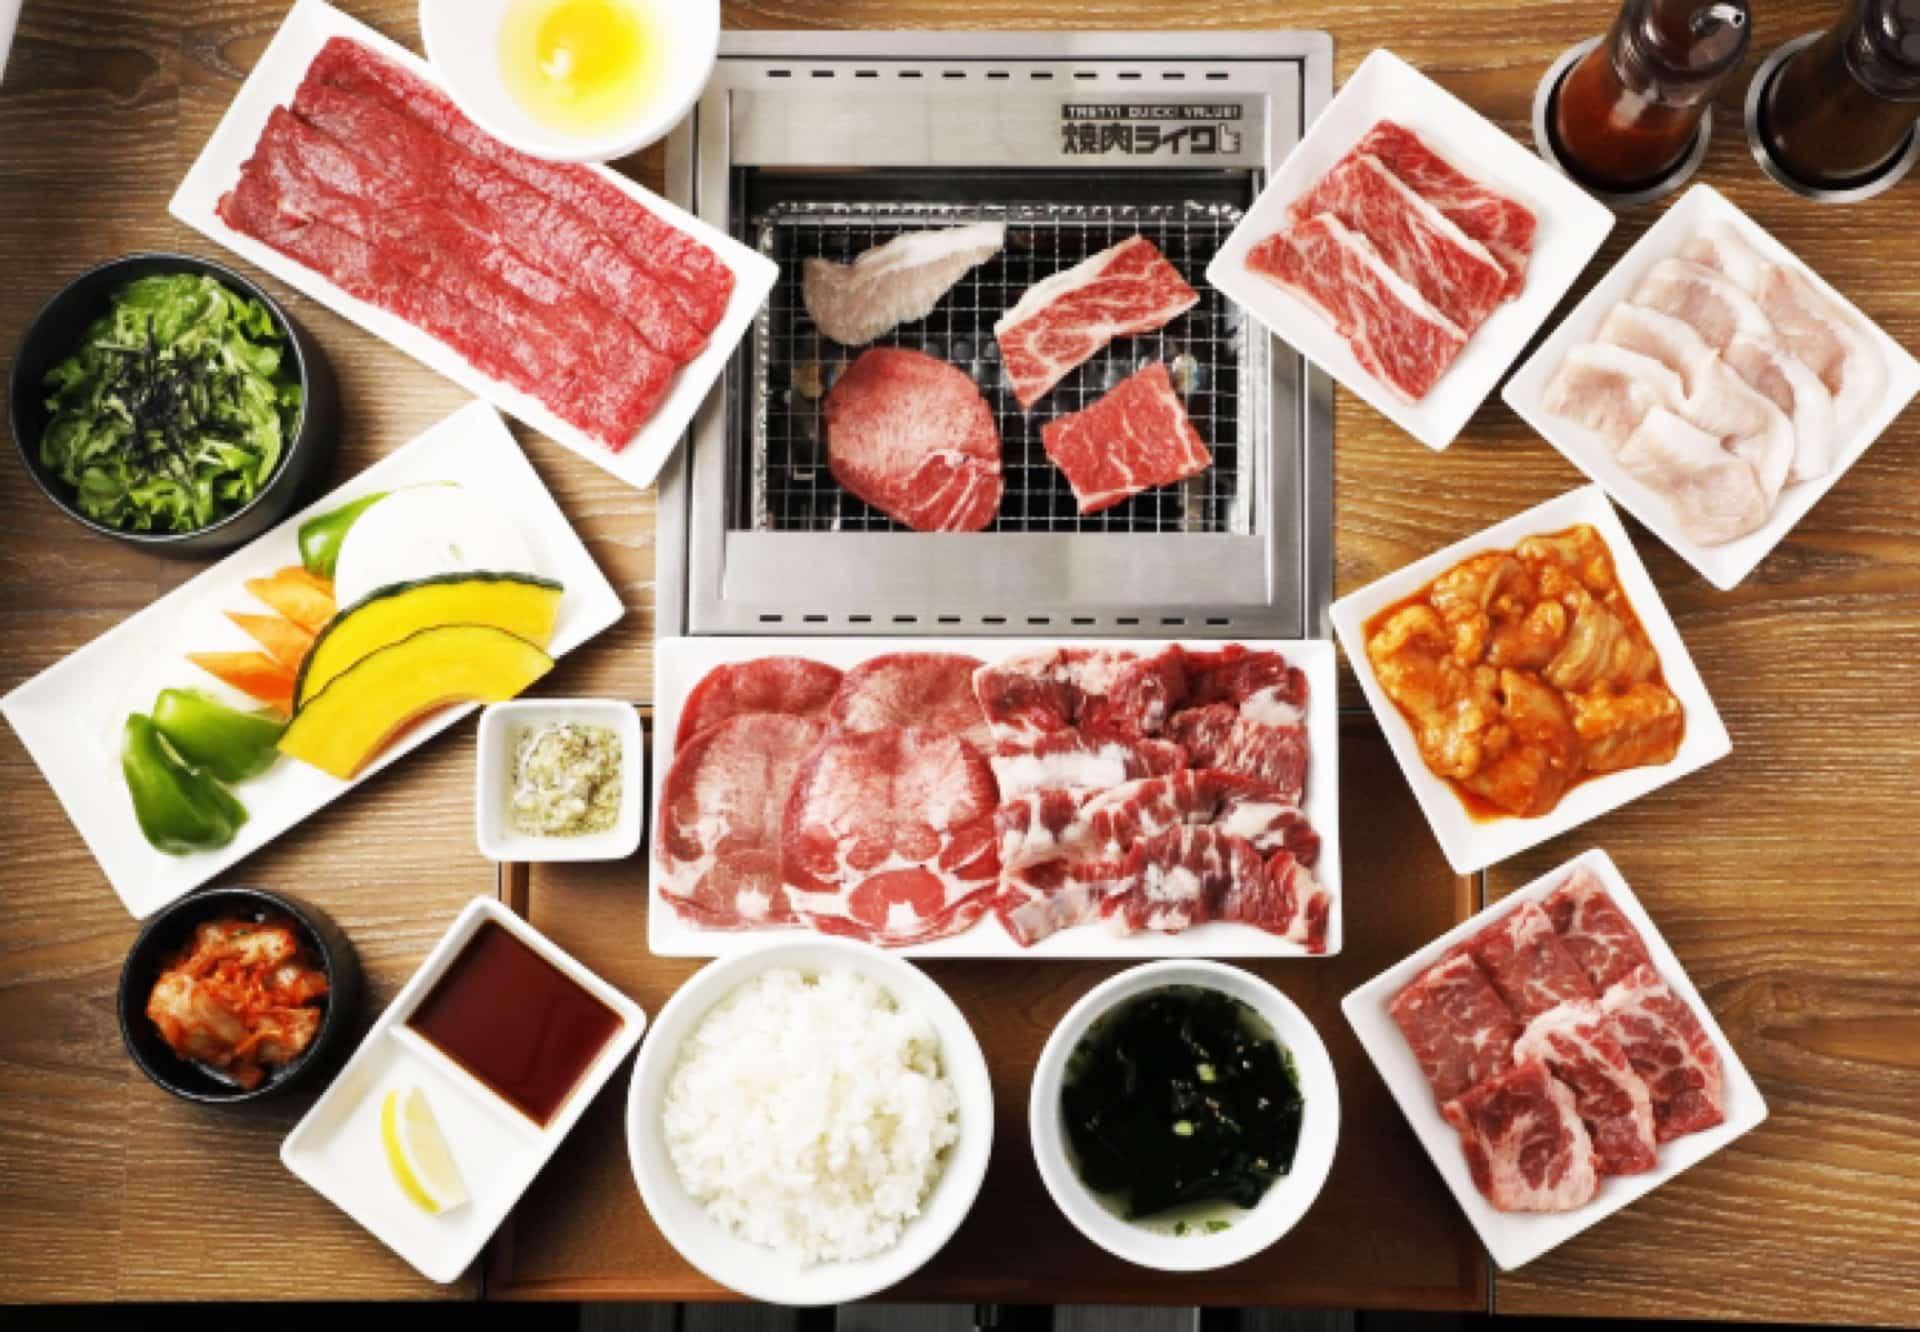 焼肉ライク 神戸三宮店 − 9月オープン!290円で食べられるオープニングキャンペーンも